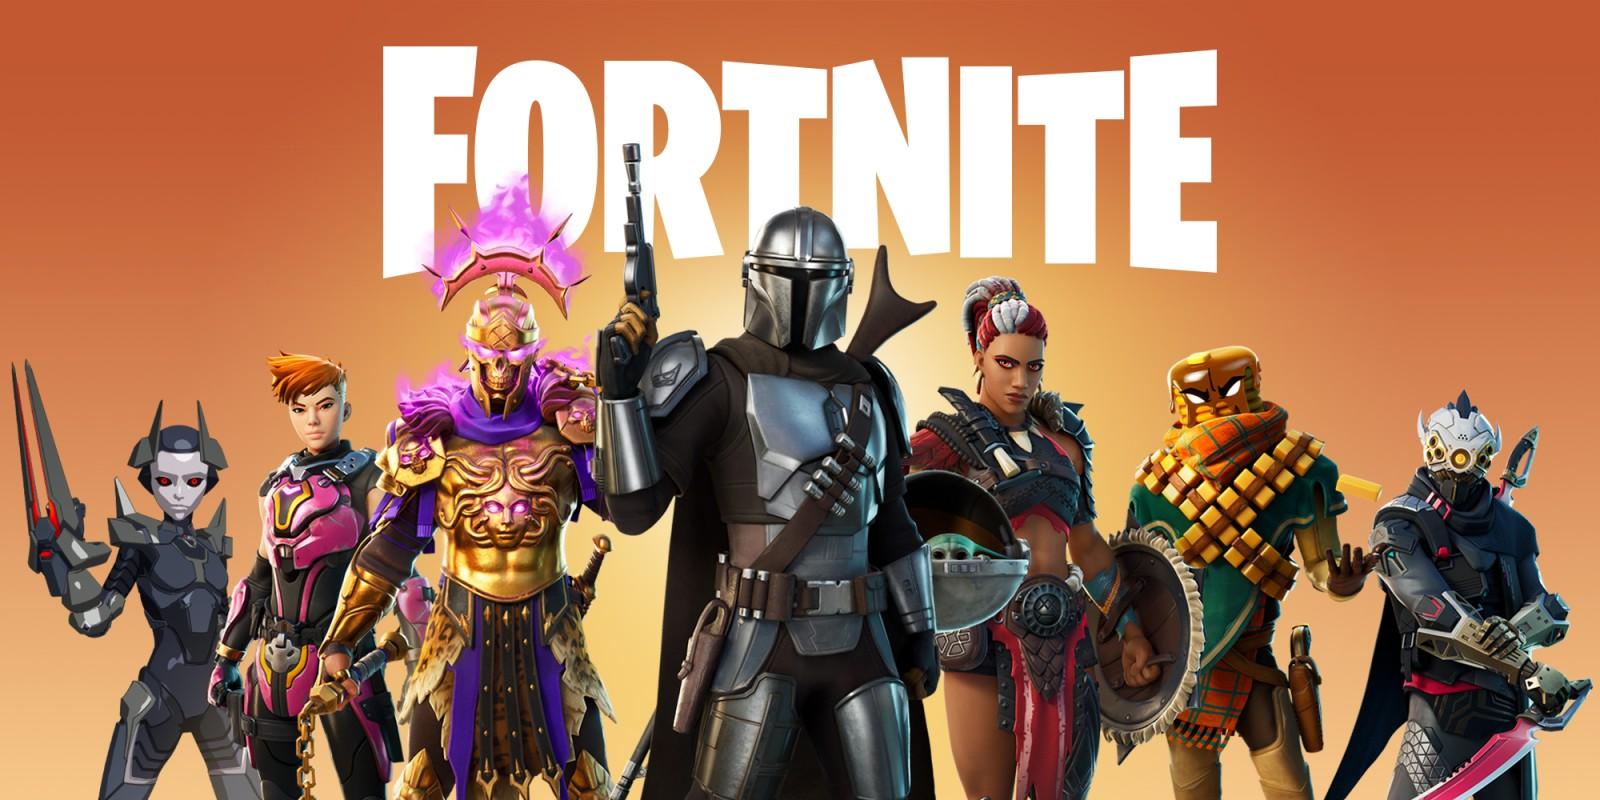 Fortnite profile picture